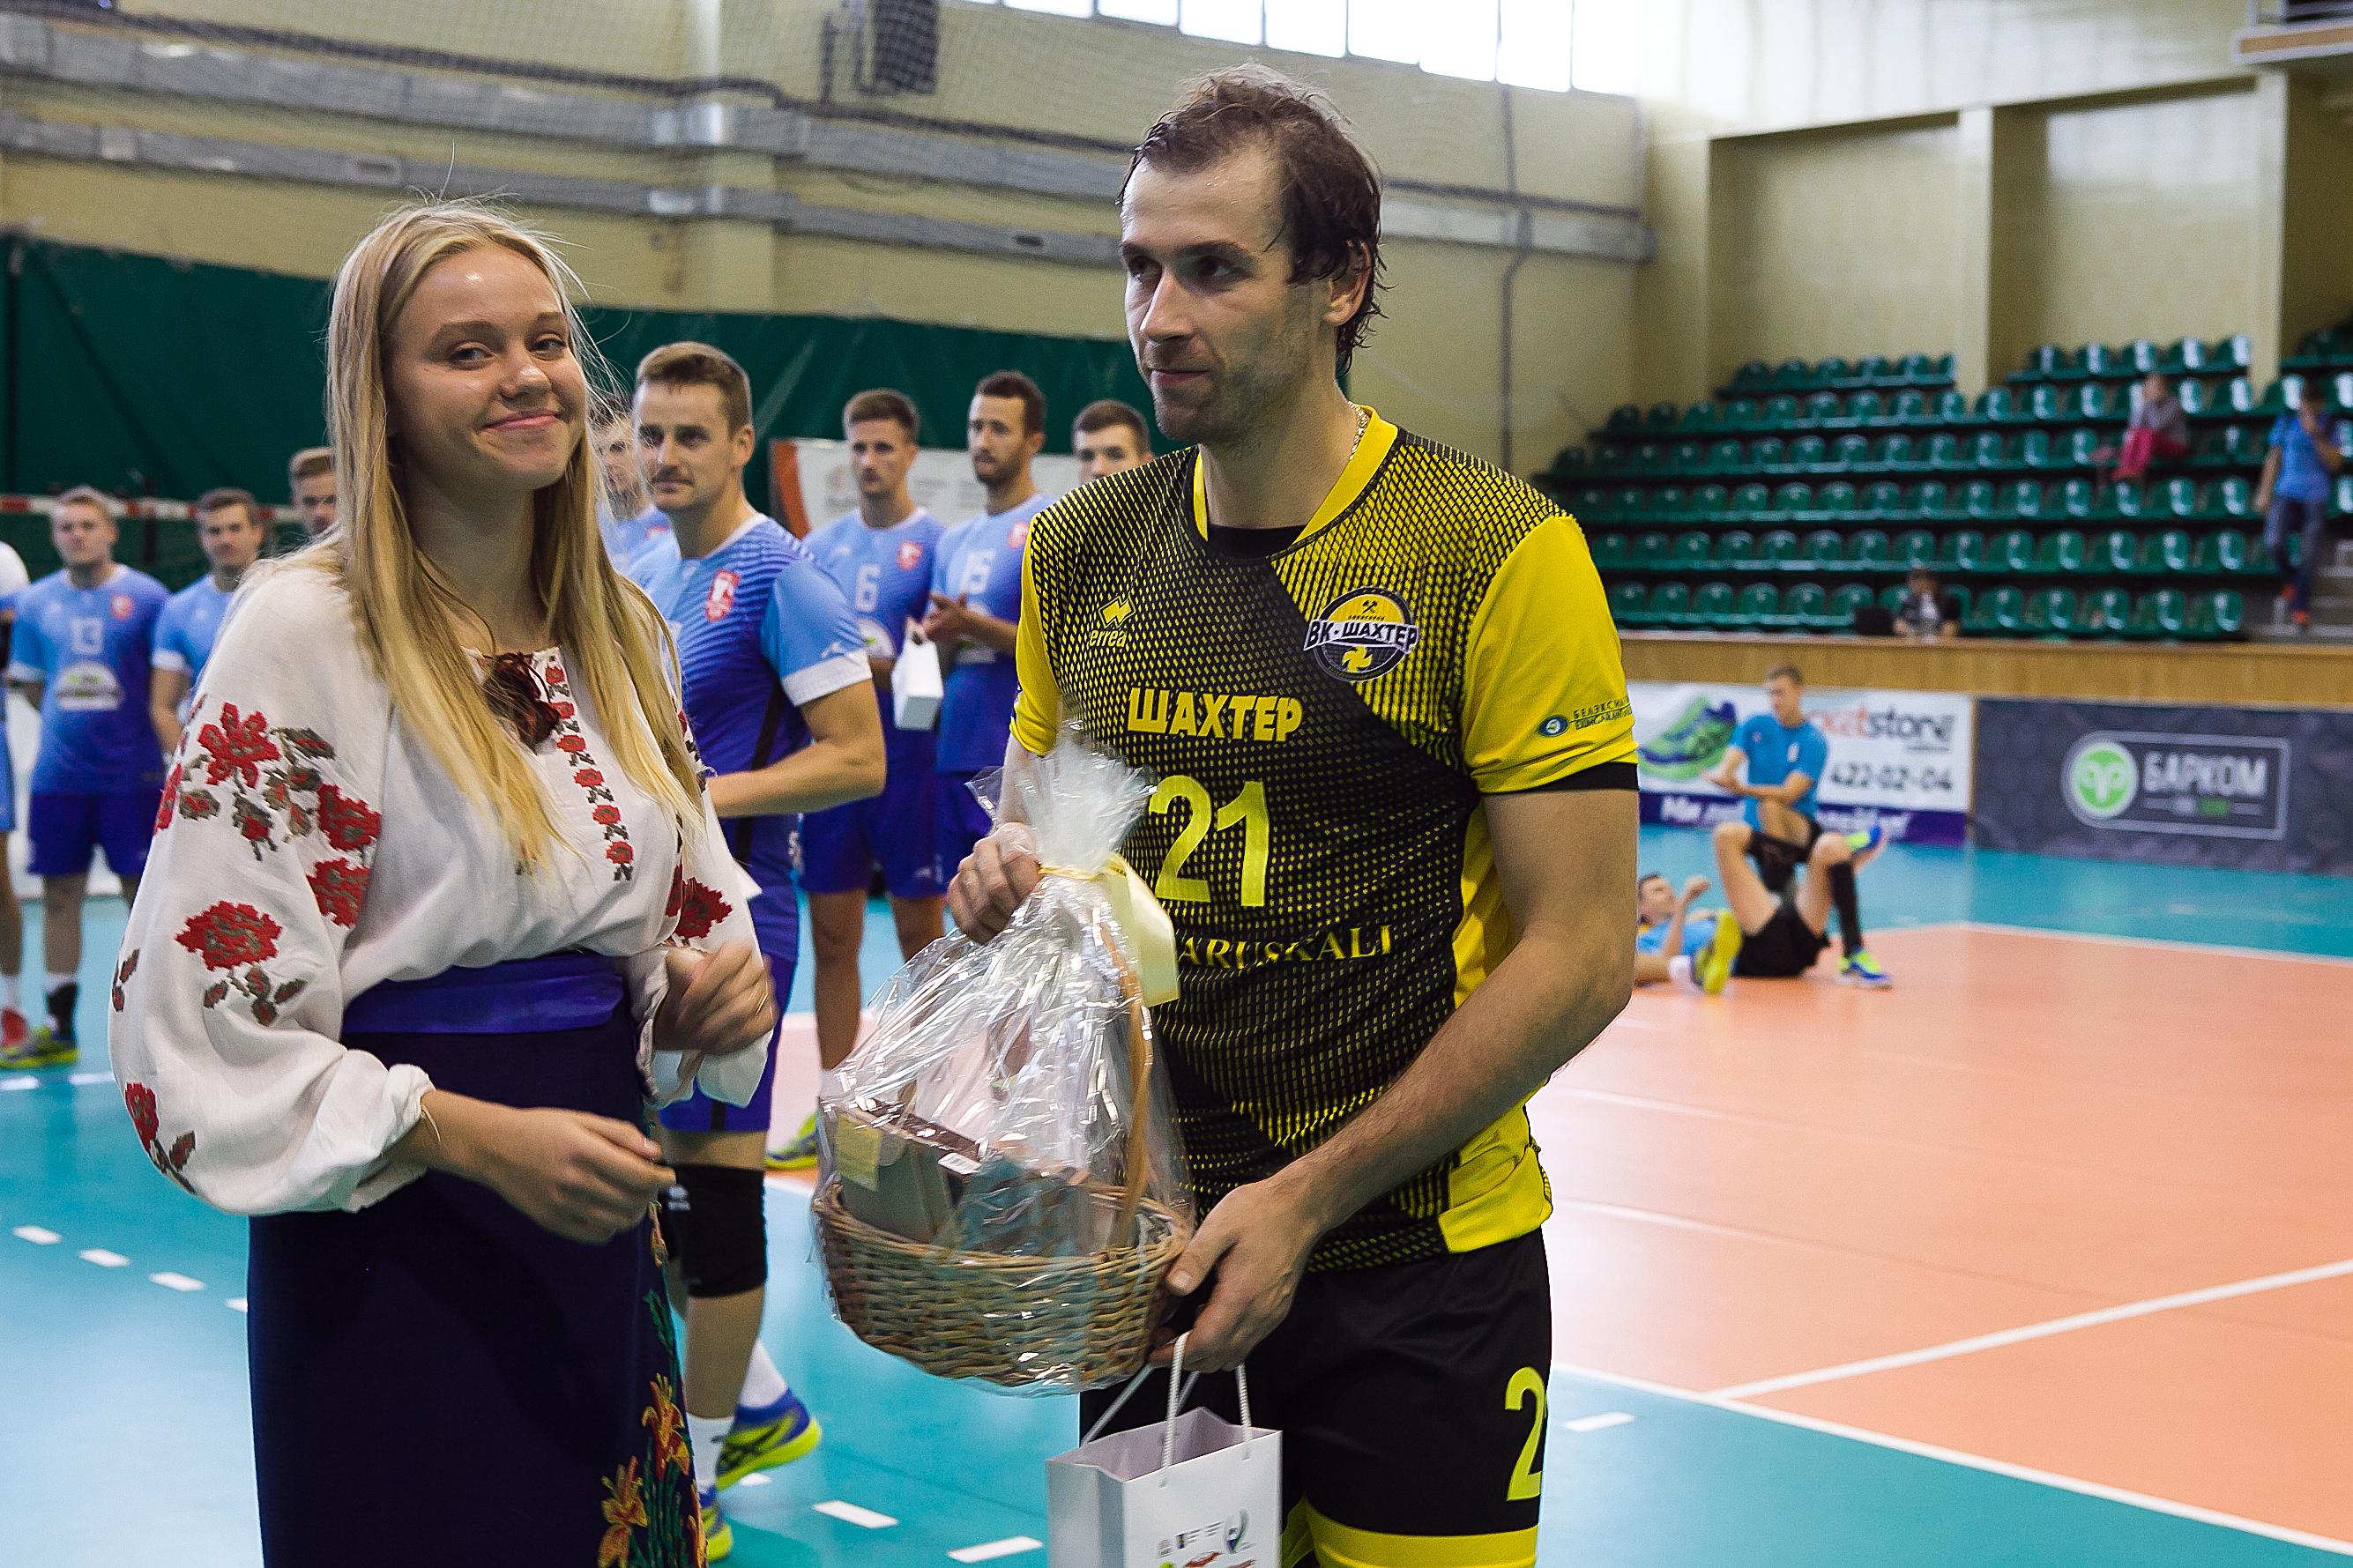 Відкритий Кубок Львова з волейболу 2018. ФОТОЗВІТ - 75